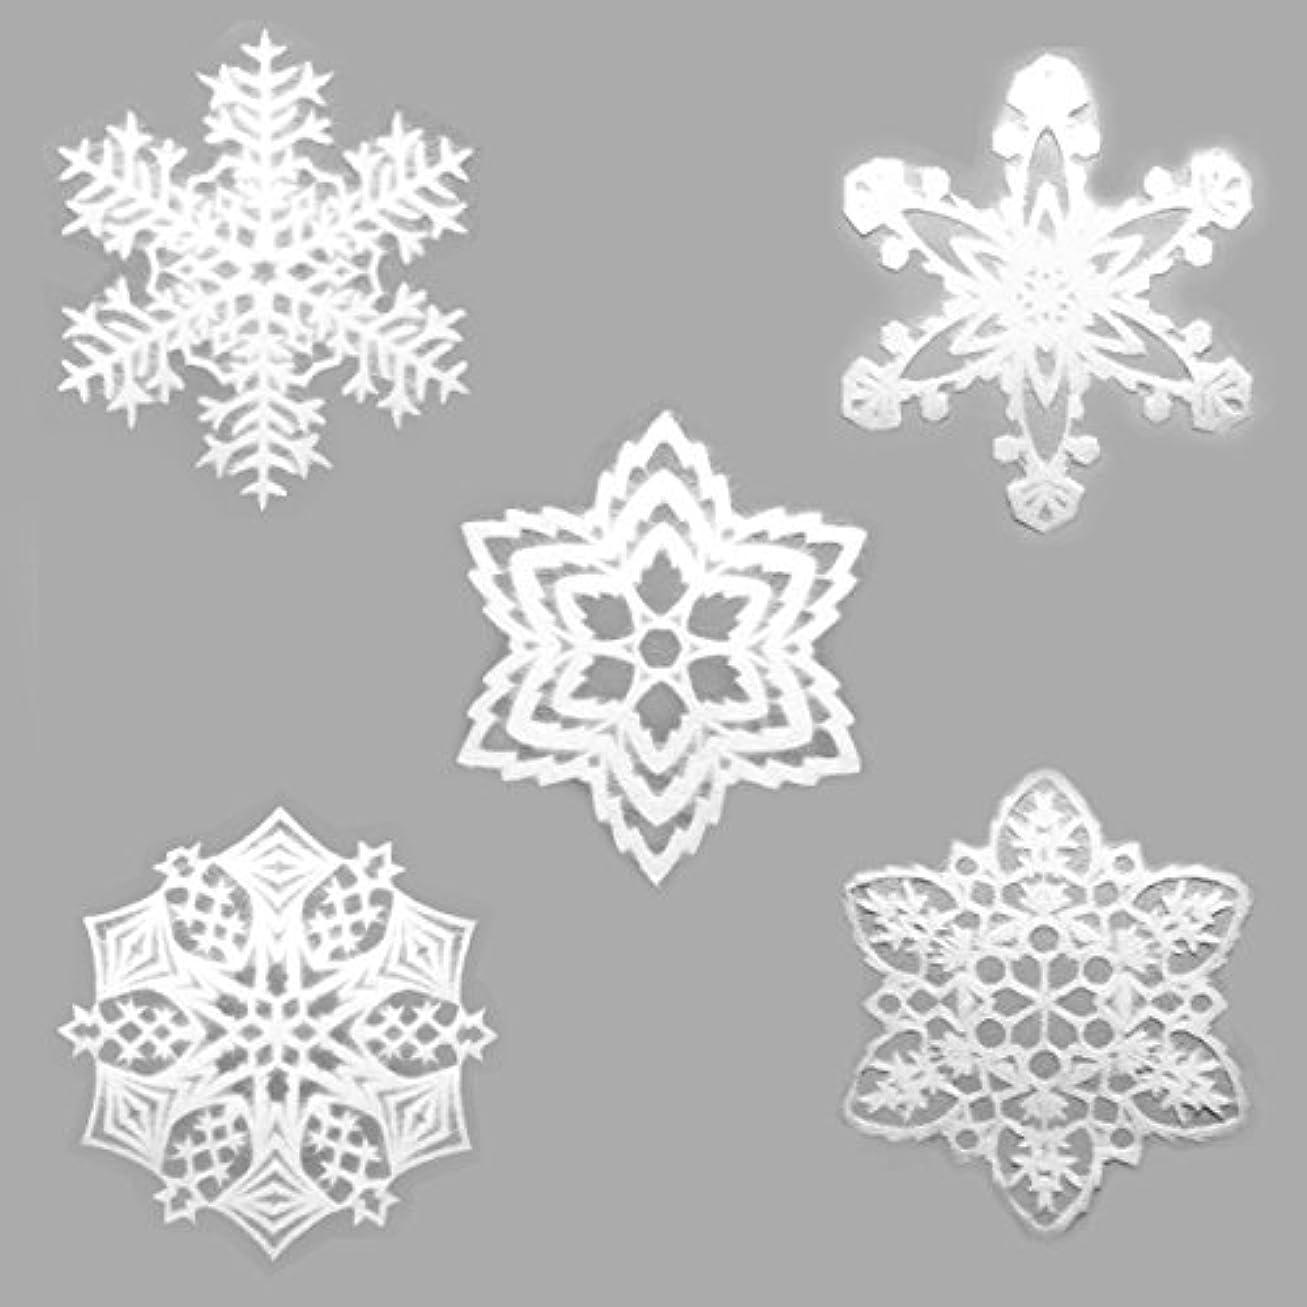 書誌ピラミッド隠SNOWFLAKE(スノーフレーク) SSサイズ 5ピース#303 Peterburg/クリスマス 窓 飾り